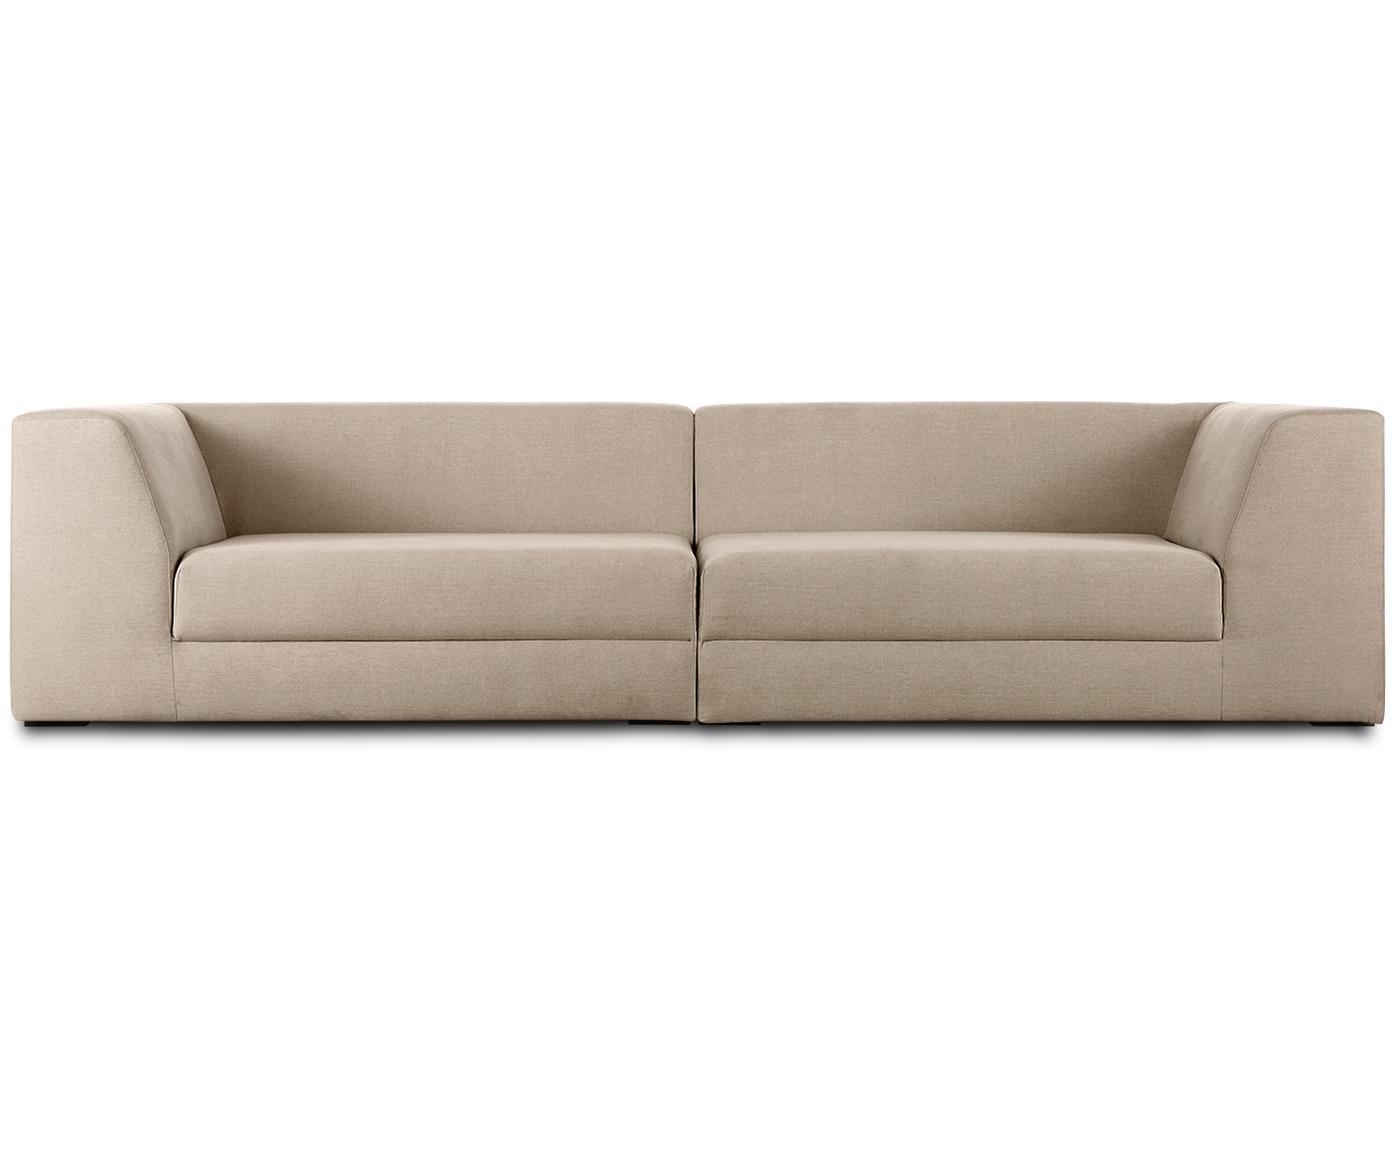 Sofa modułowa Grant (3-osobowa), Tapicerka: bawełna 20 000 cykli w te, Stelaż: drewno świerkowe, Nogi: lite drewno bukowe, lakie, Taupe, S 266 x G 106 cm